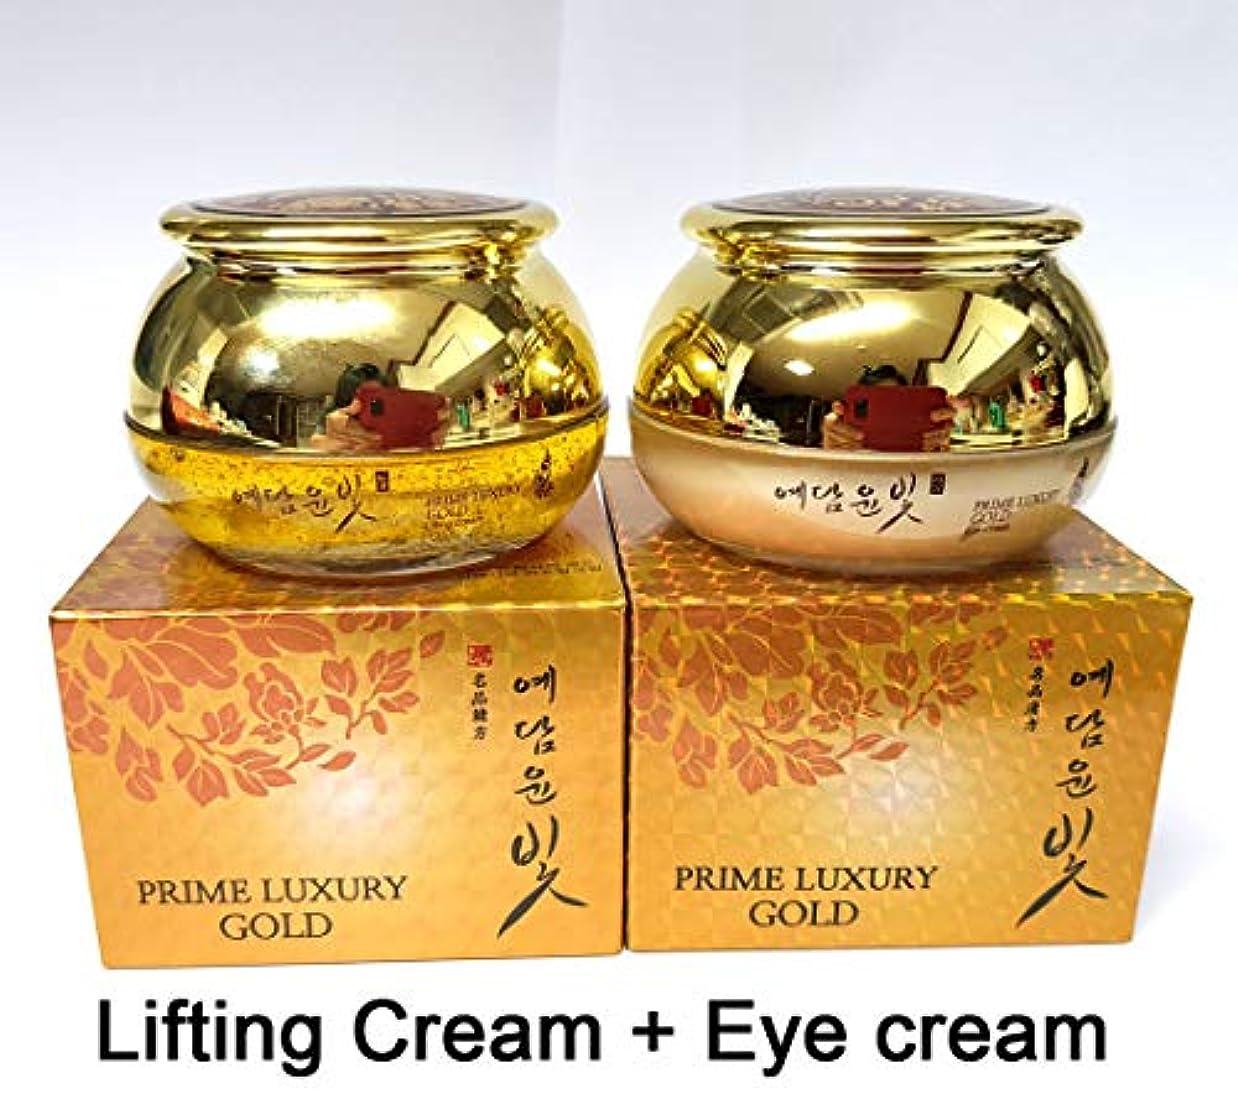 決定美しい不振[YEDAM YUNBIT]プライムラグジュアリーゴールドリフティングクリーム50g + プライムラグジュアリーゴールドインテンシブアイクリーム50g/ Prime Luxury Gold Lifting Cream 50g...